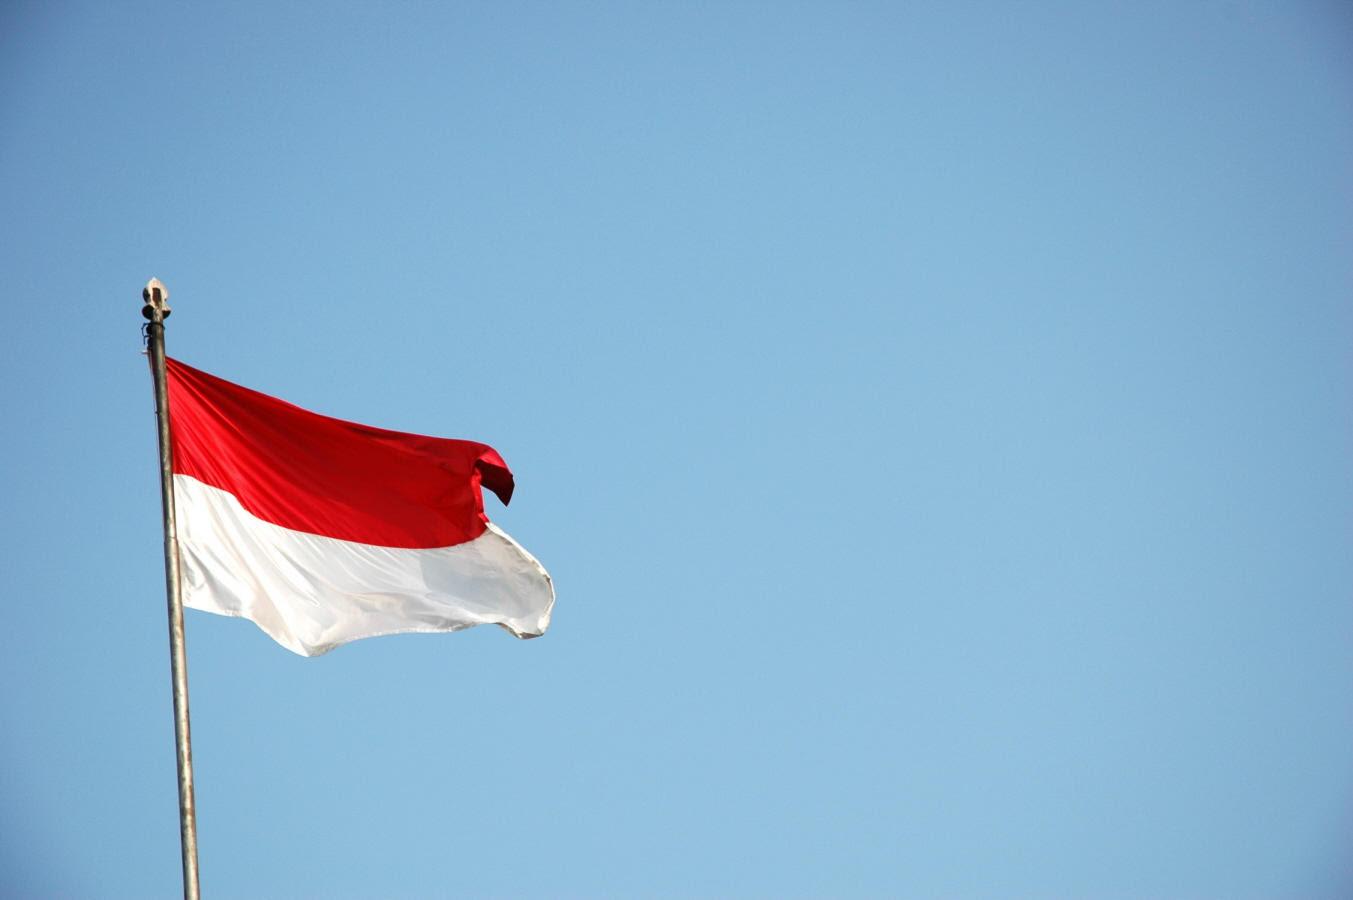 Download 680 Background Bendera Merah Putih Berkibar Hd Gratis